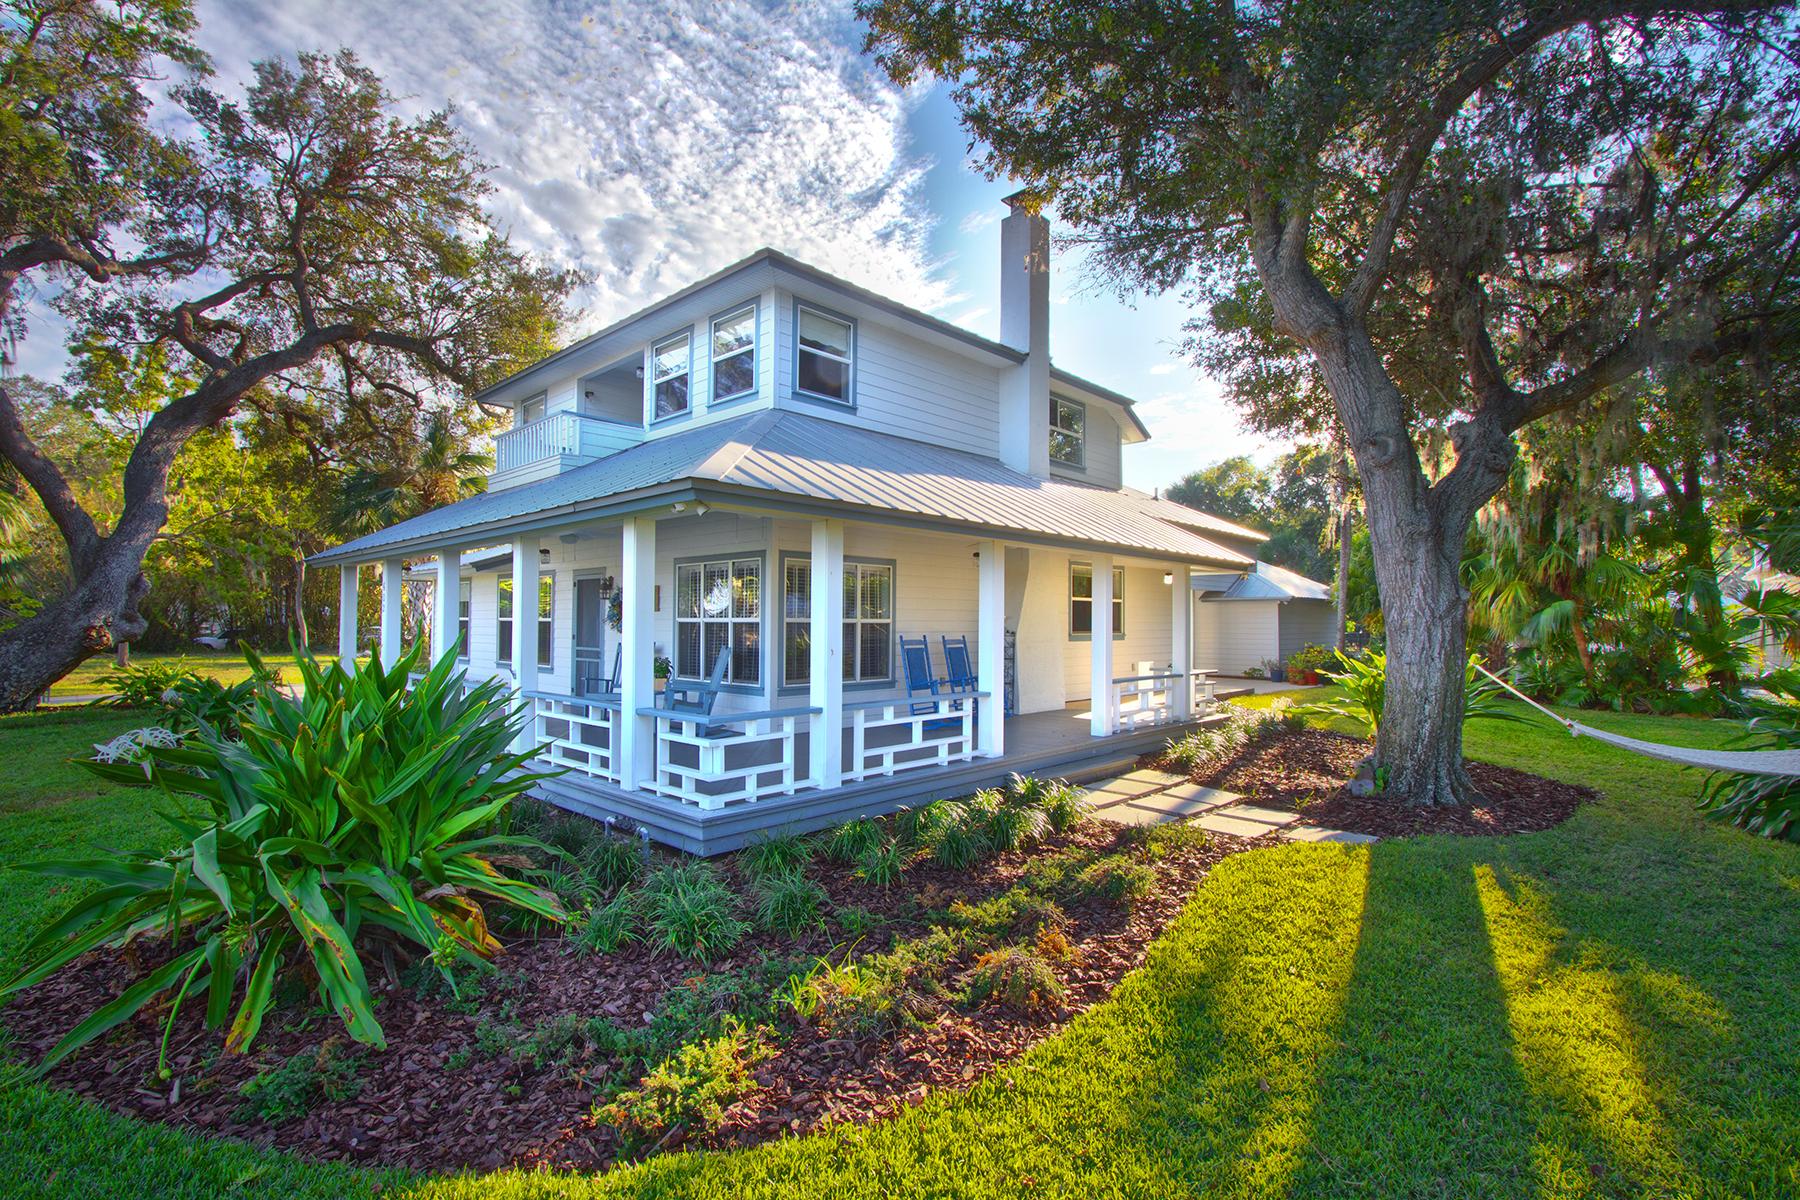 Casa para uma família para Venda às NEW SMYRNA BEACH FLORIDA 602 N Riverside Dr New Smyrna Beach, Florida, 32168 Estados Unidos